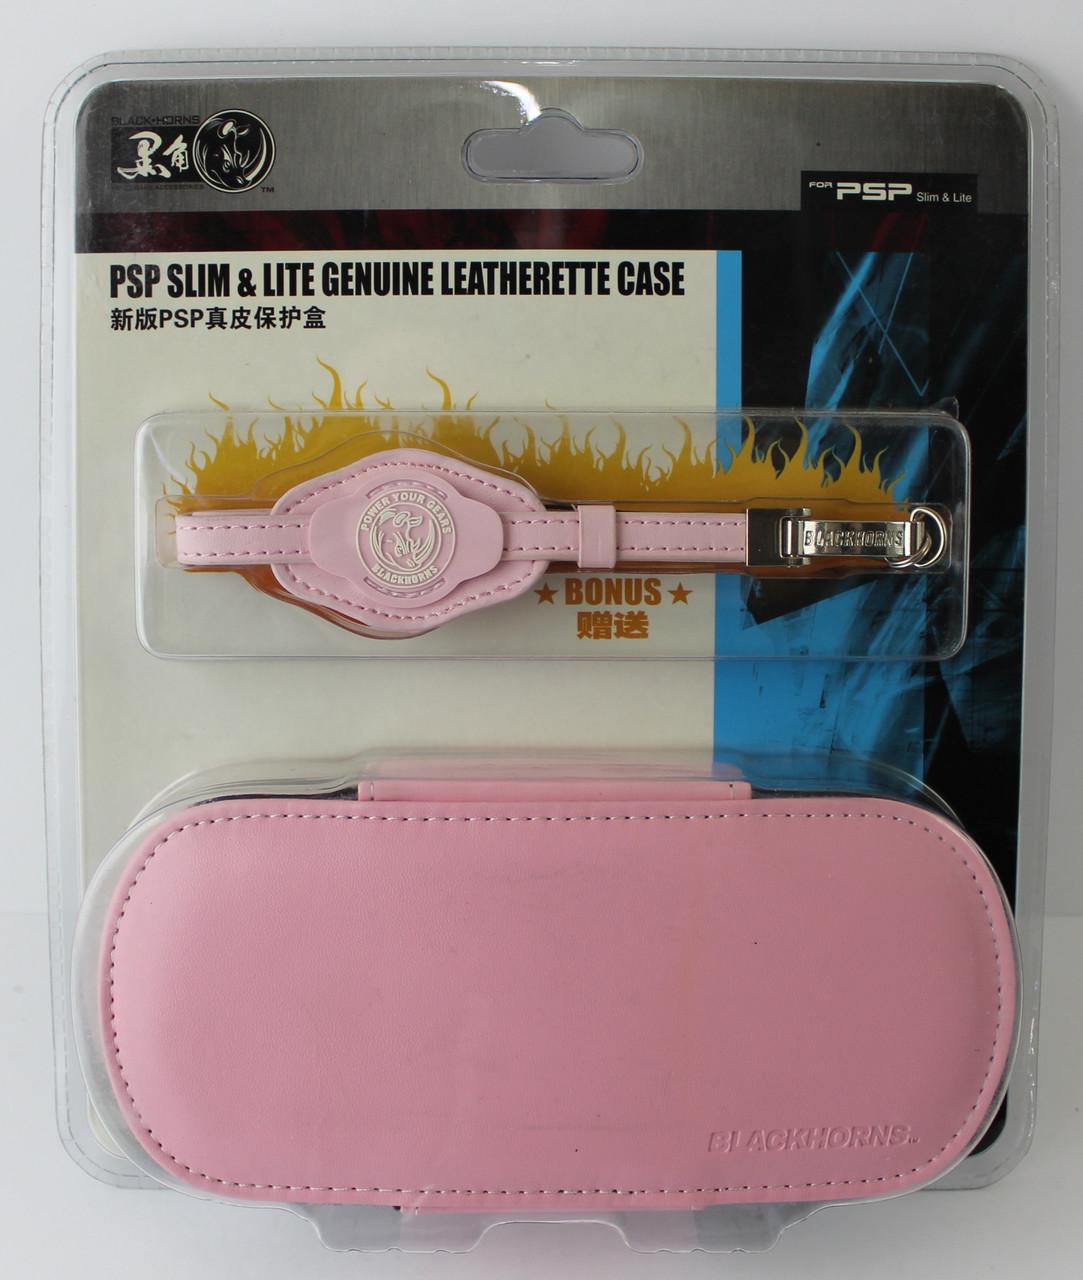 Чехол Genuine Leatherette Case (BH-PSP02204)